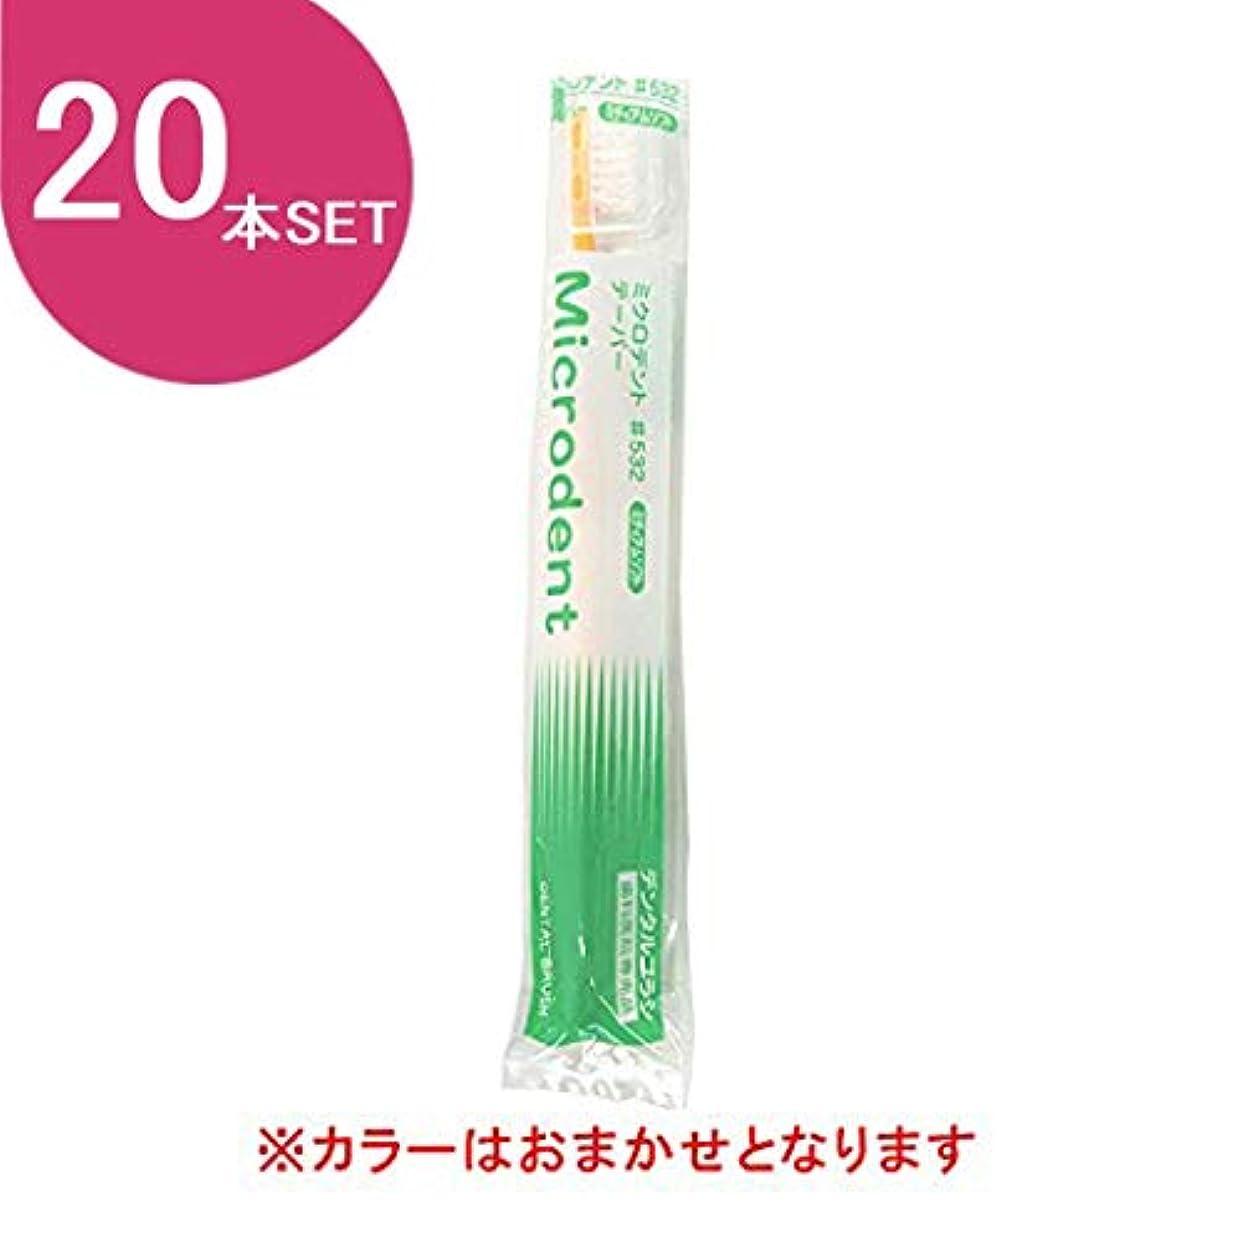 あなたのもの橋ブレーキ白水貿易 ミクロデント (Microdent) 20本 #532 (ミディアム)